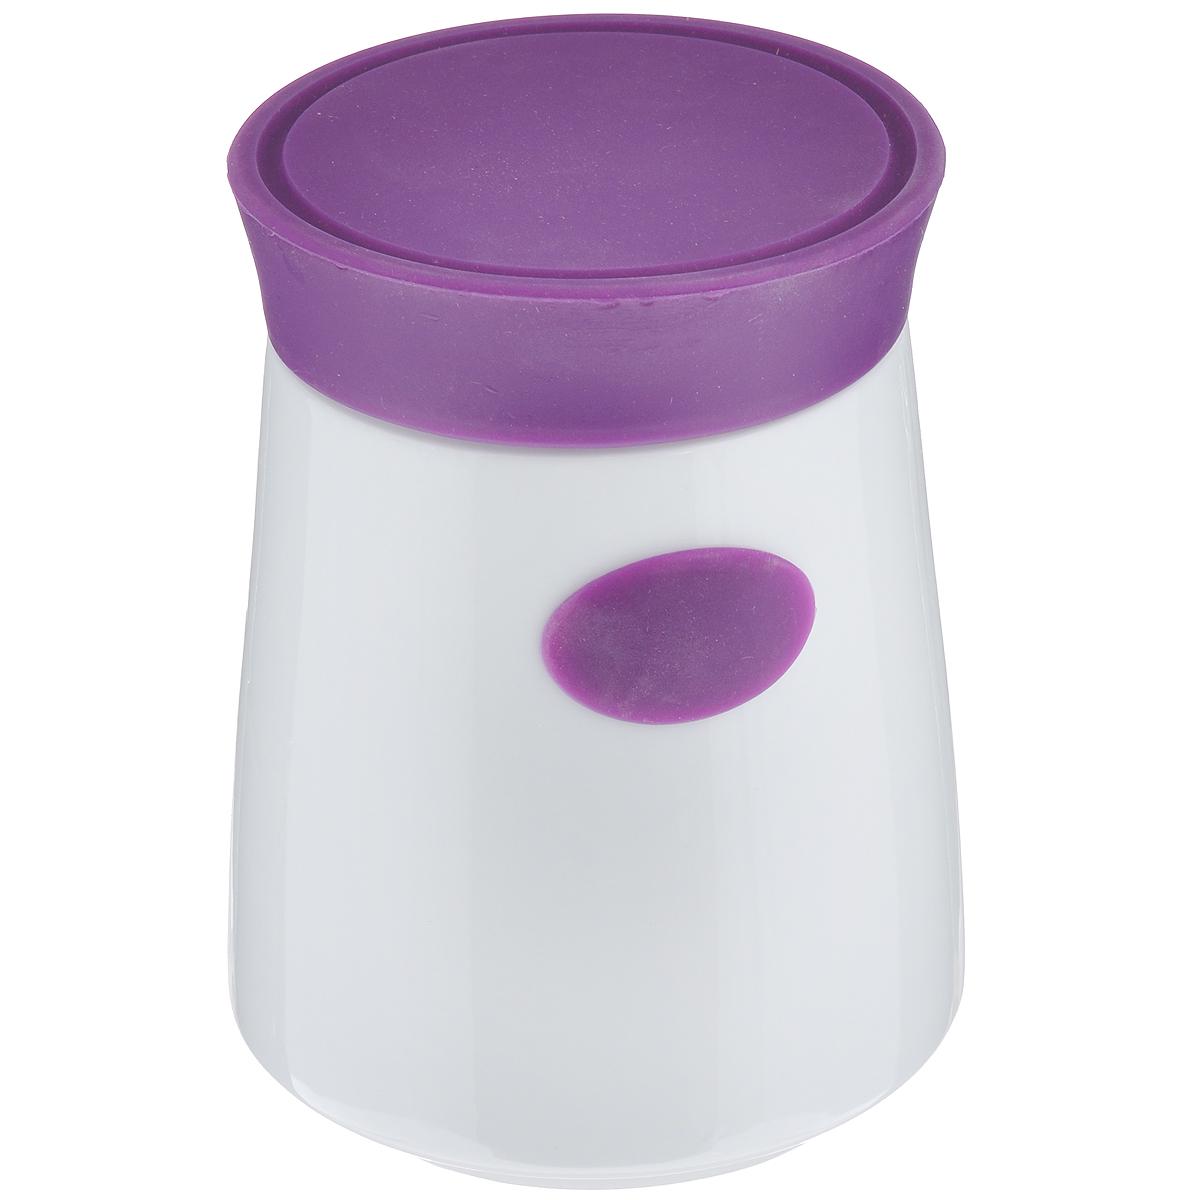 Банка для сыпучих продуктов House & Holder, цвет: белый, фиолетовый, 1,2 л7D504Банка для сыпучих продуктов House & Holder изготовлена из высококачественной керамики белого цвета. Емкость оснащена плотно закрывающейся цветной силиконовой крышкой, которая предохраняет продукты от влаги и сохраняет их свежими. Изделие прекрасно подходит для хранения макарон, круп, специй, сахара, чая, кофе и других продуктов. Такая емкость станет полезным и функциональным предметом на каждой кухне. Диаметр (по верхнему краю): 10 см. Высота: 16 см.